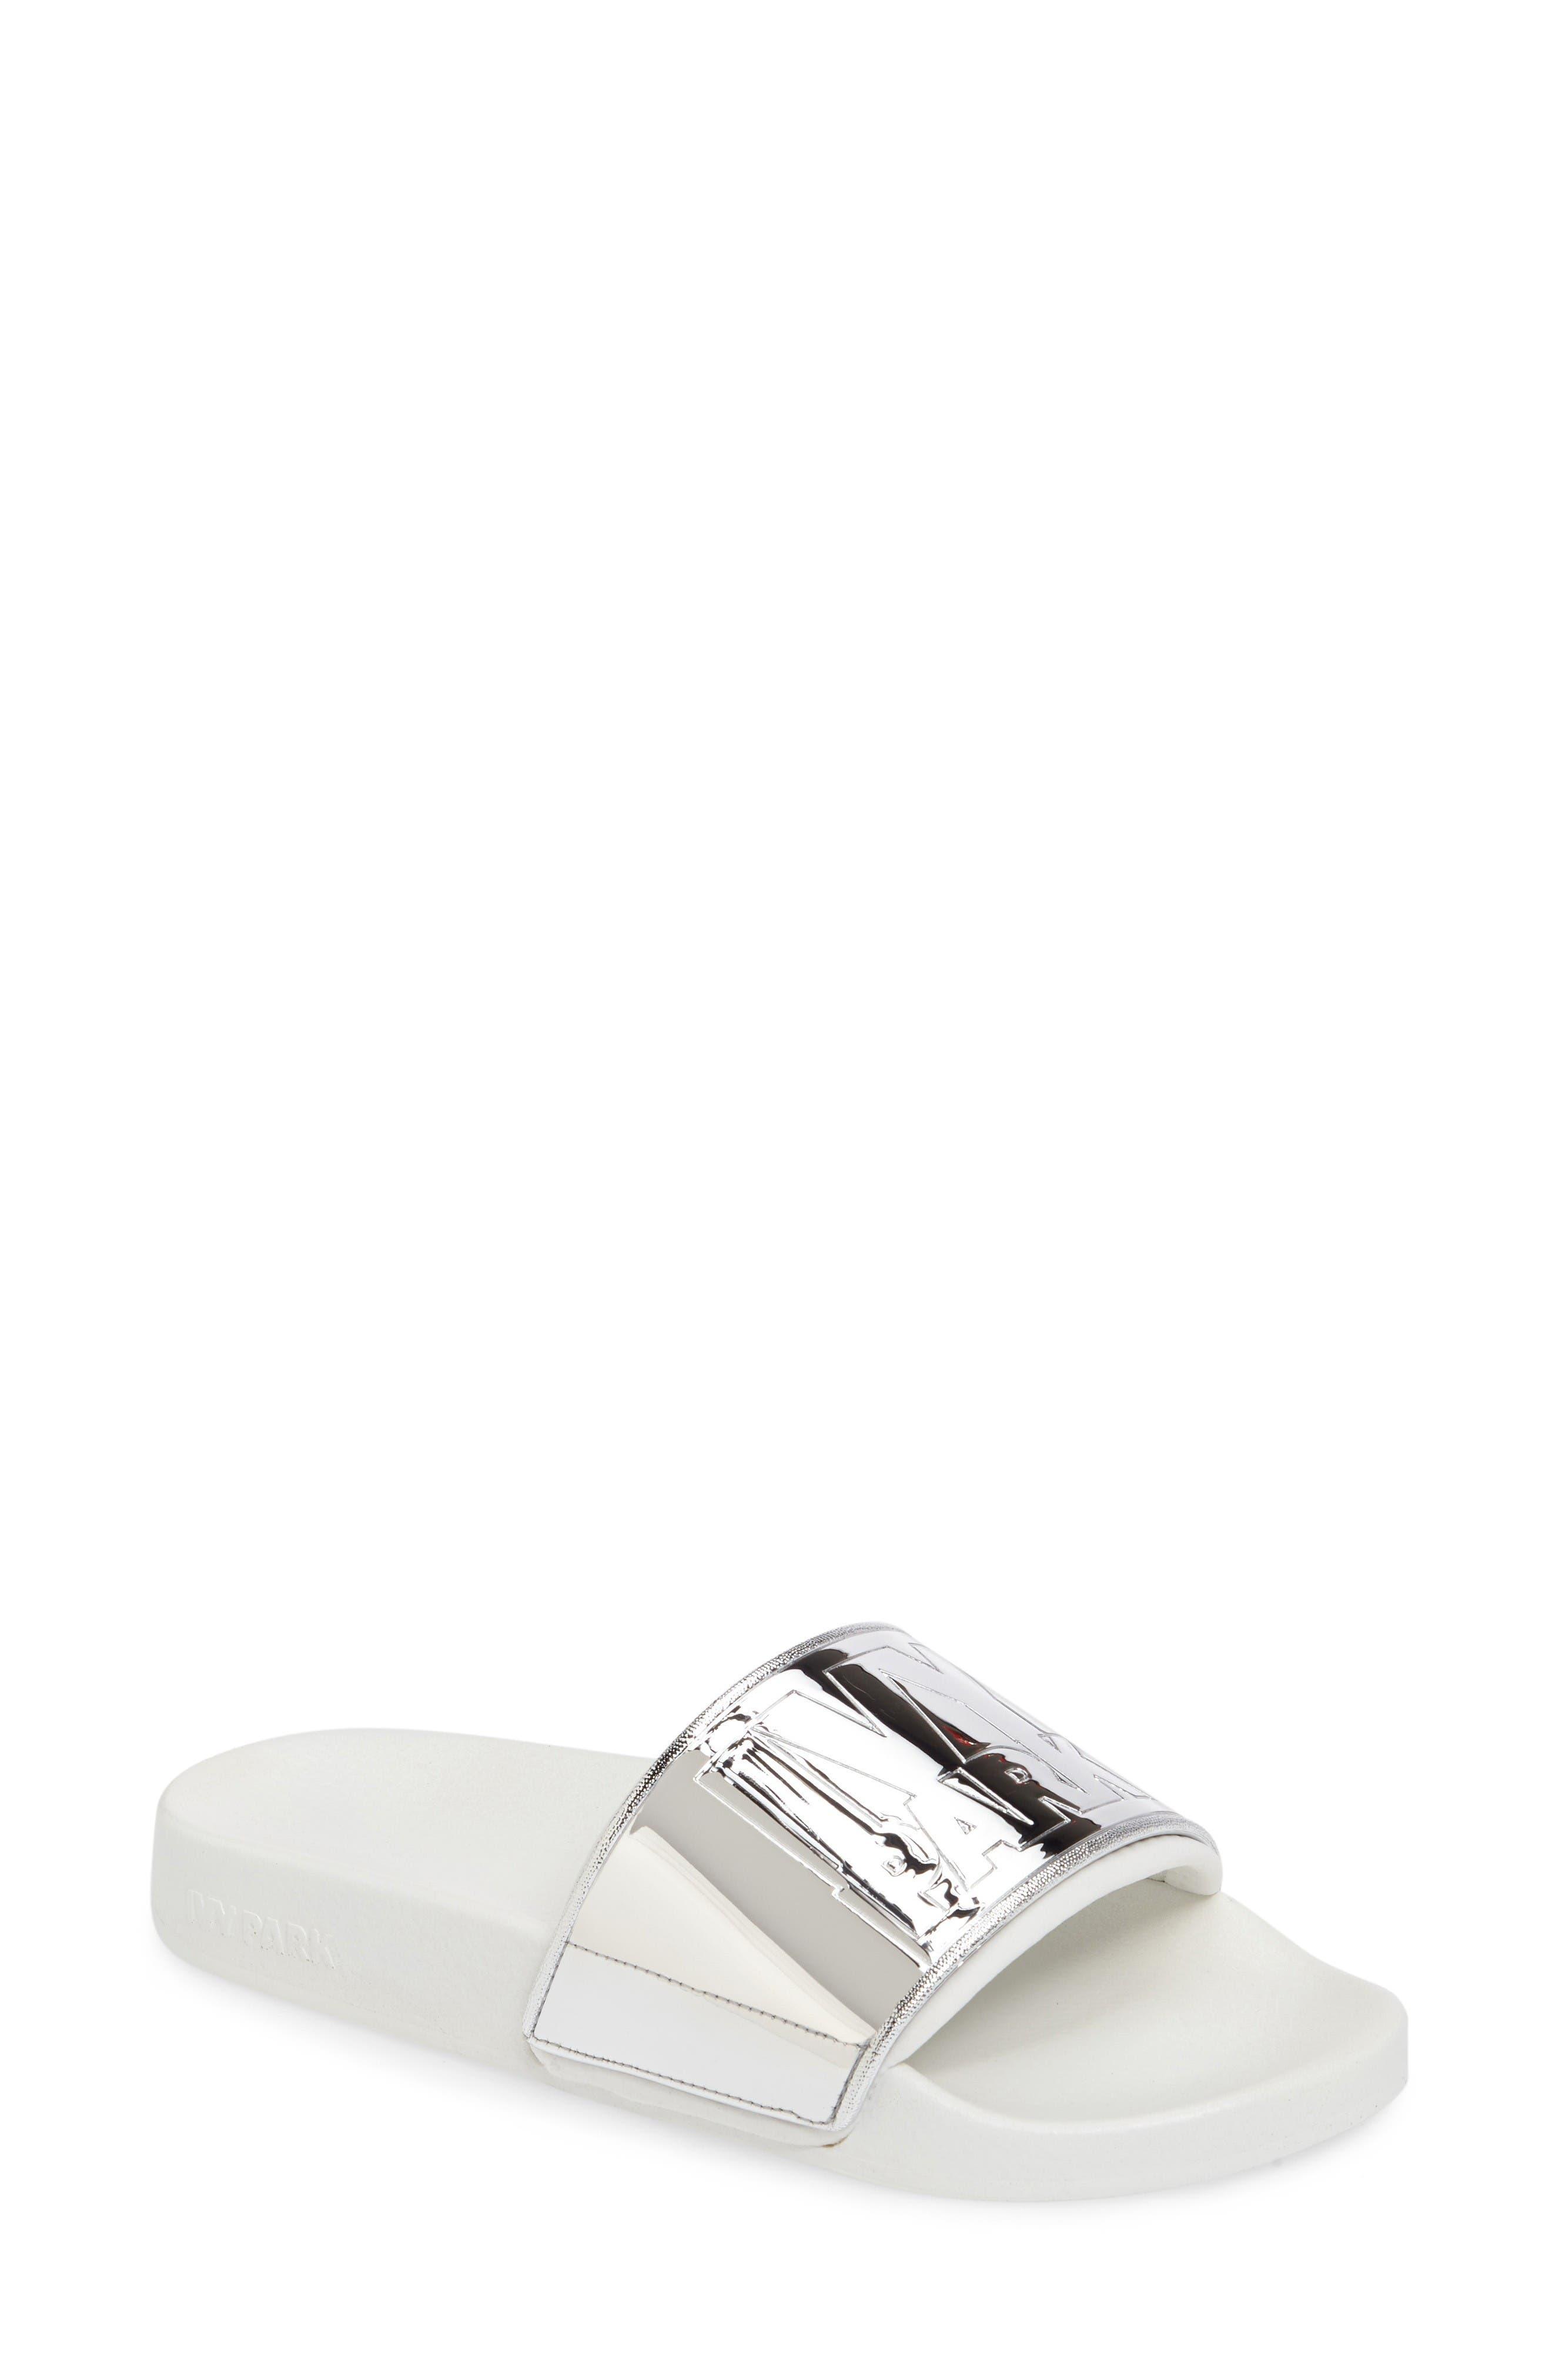 Alternate Image 1 Selected - IVY PARK® Mirror Logo Slide Sandal (Women)